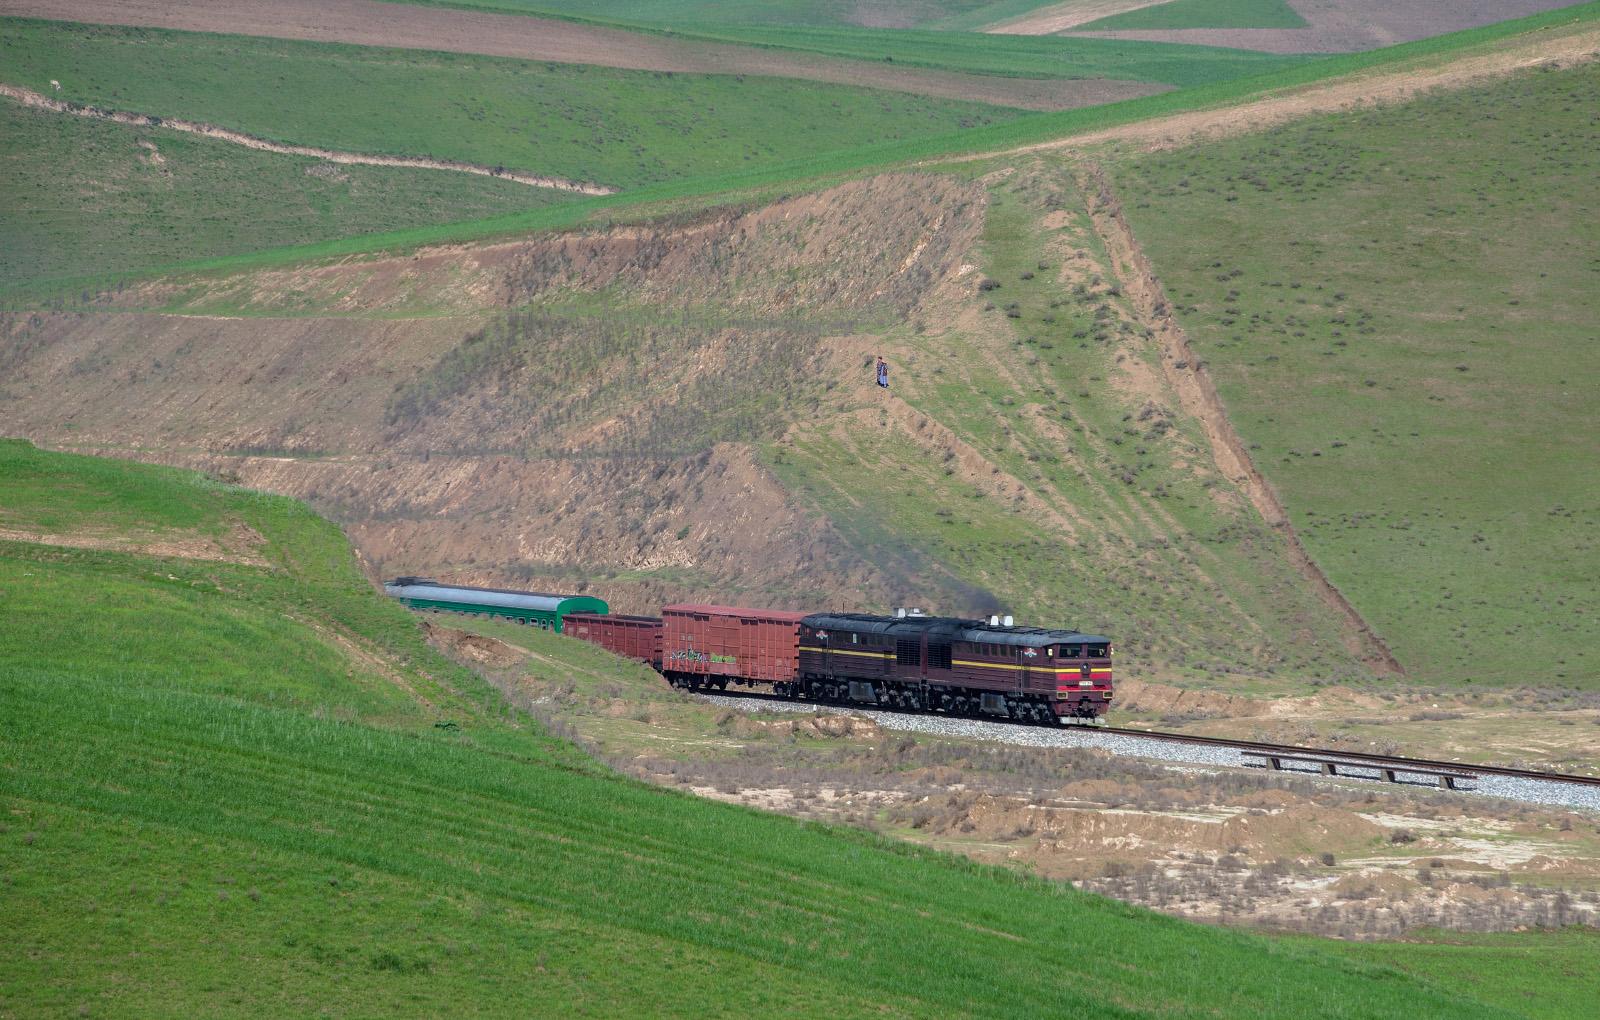 Тепловоз 2ТЭ10У-0545 з вантажнопасажирським потягом на перегоні Бахор - Яван. Таджикістан